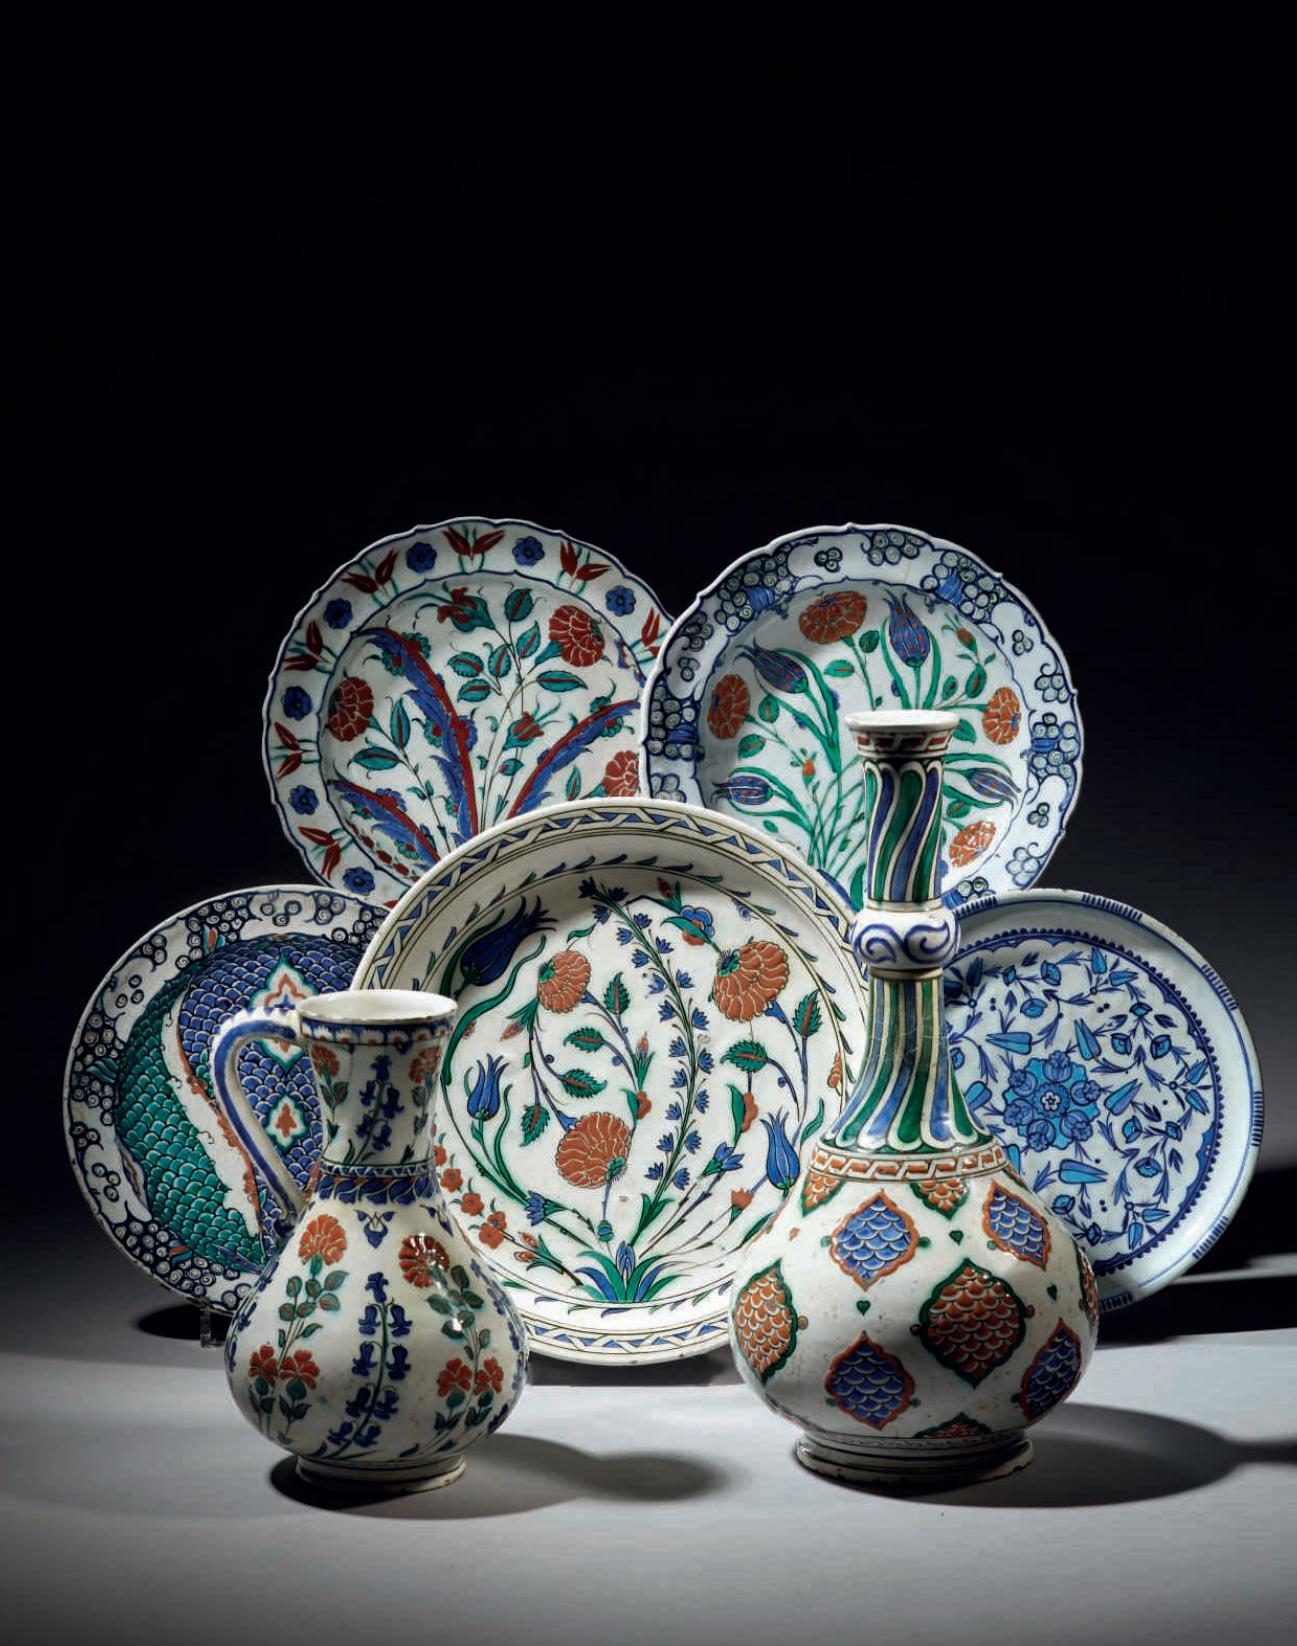 Dix pièces d'Iznik, Turquie ottomane de la Collection Joseph Soustiel chez Christie's Paris, 6 Mai 2015